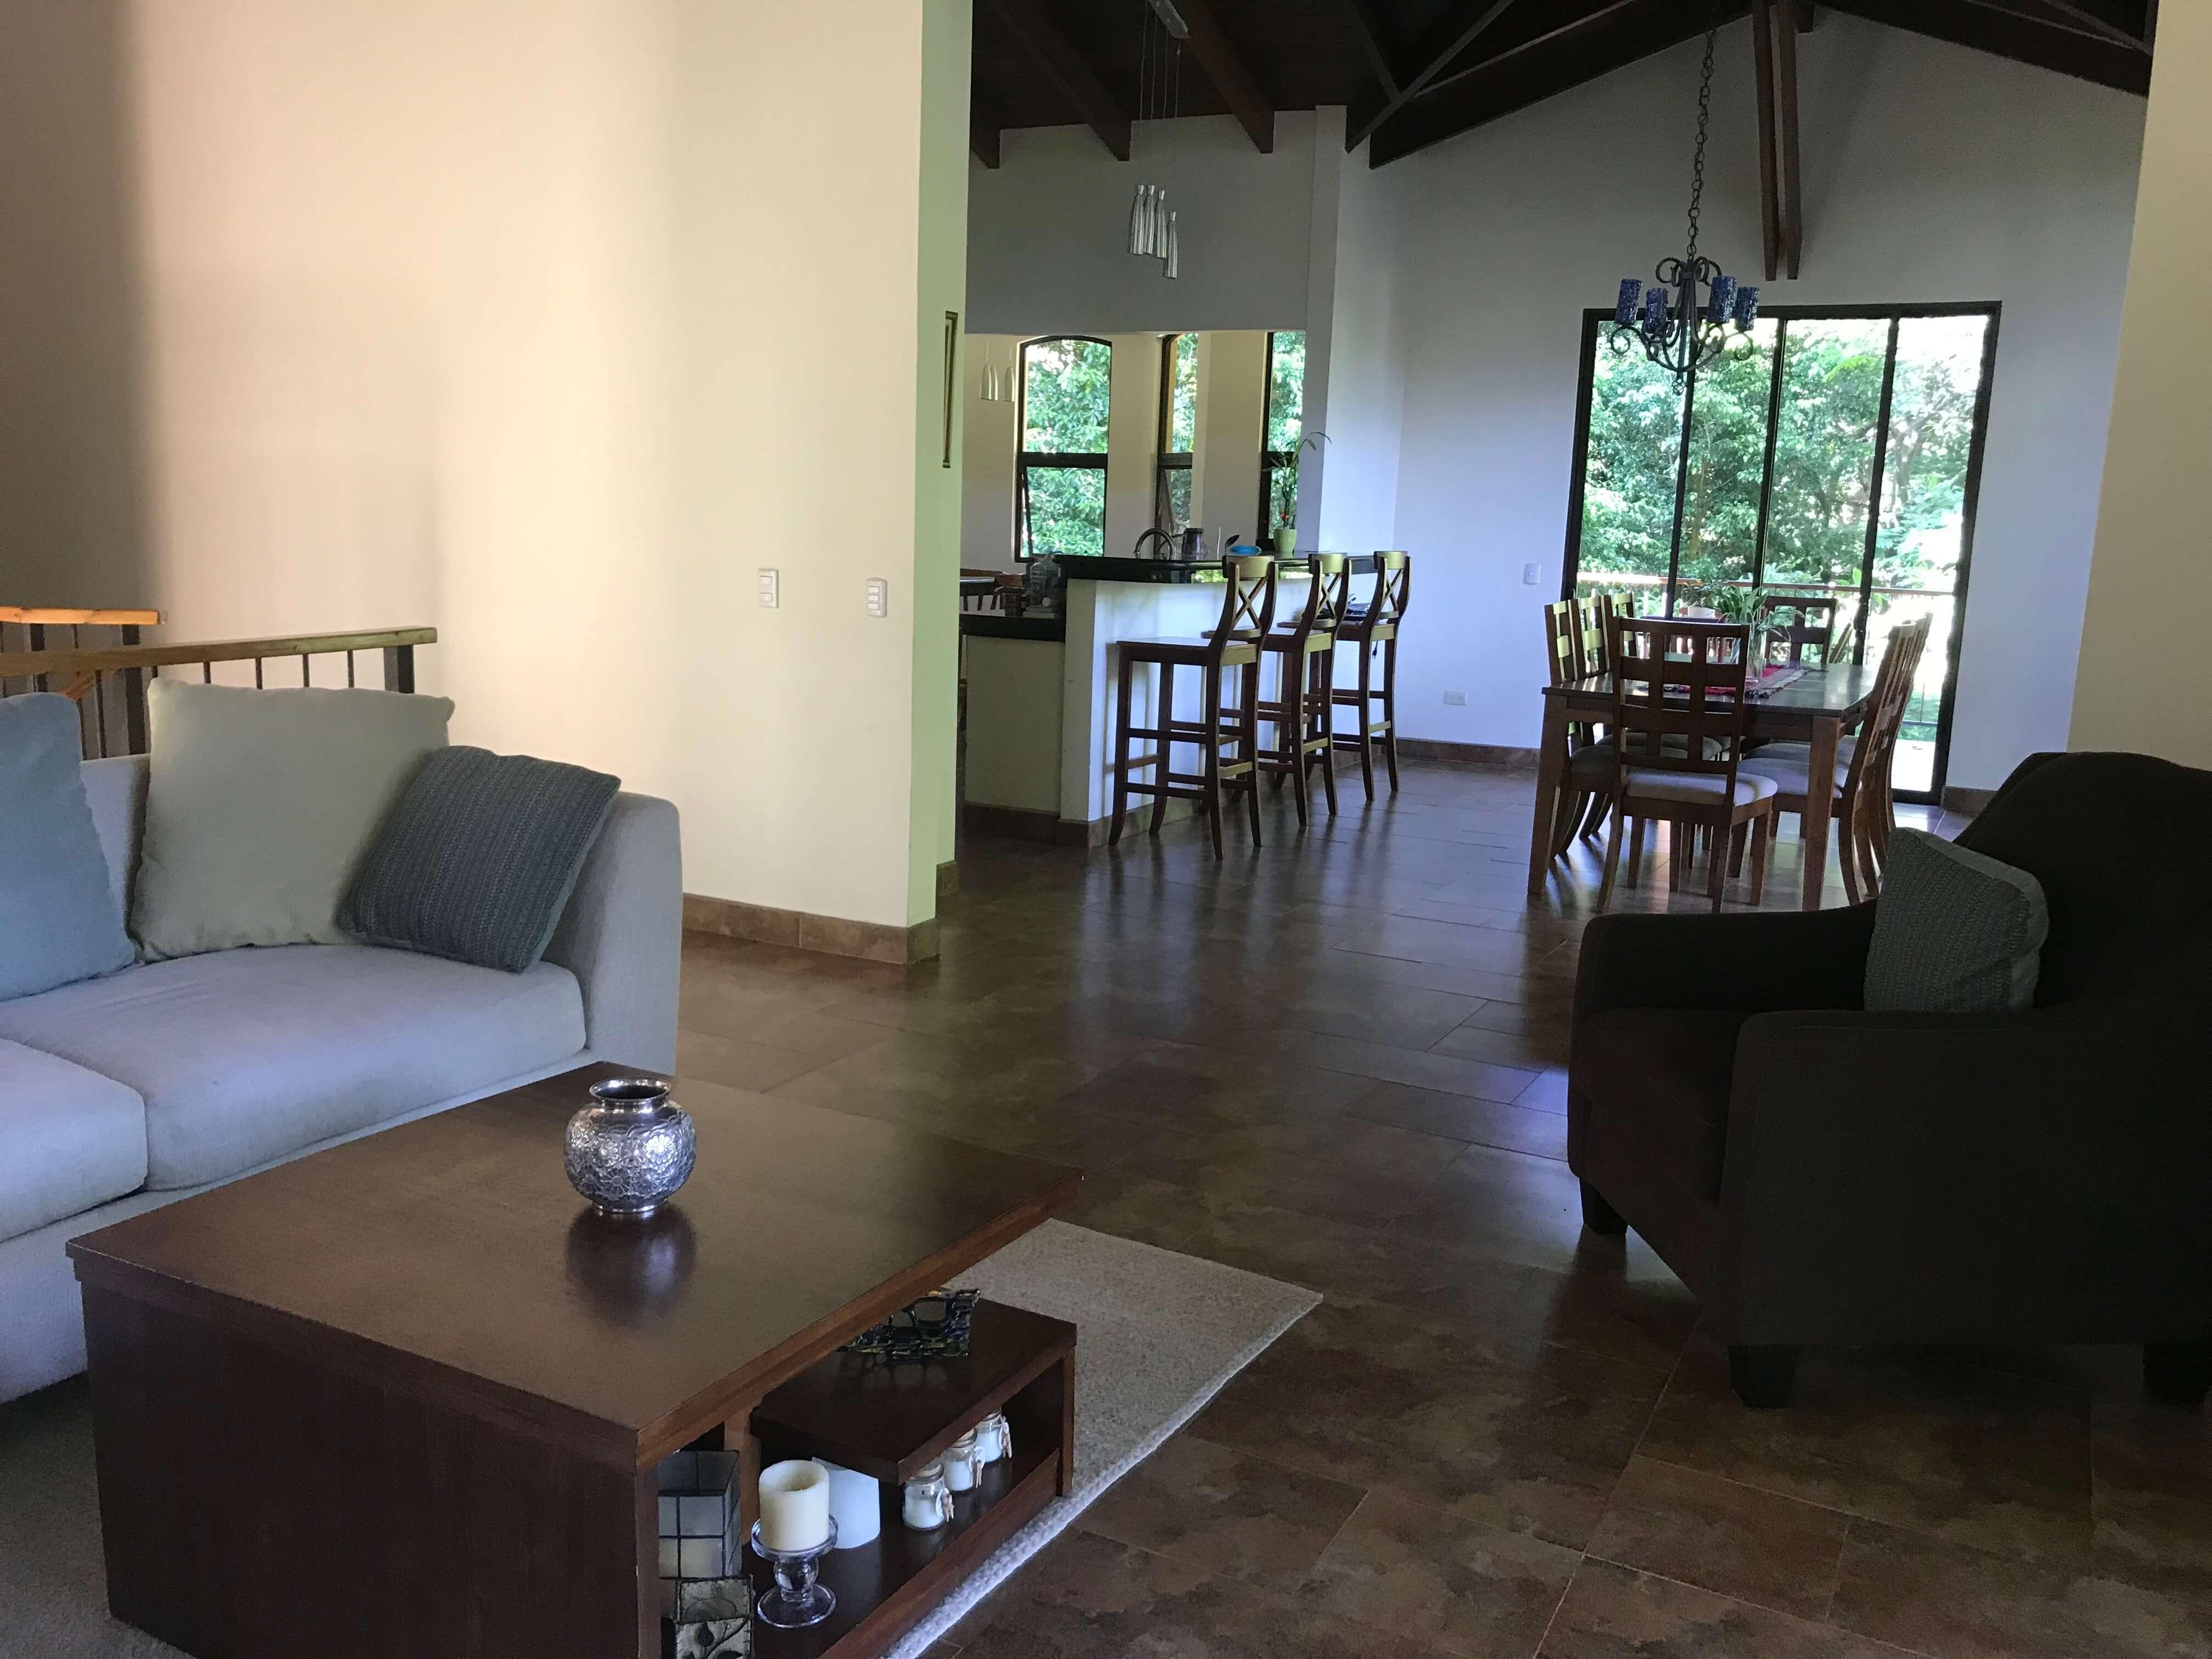 Venta-casa-ciudad-colon-brasil-mora-condominio-hacienda-los-maderos-premier-propiedades (10)